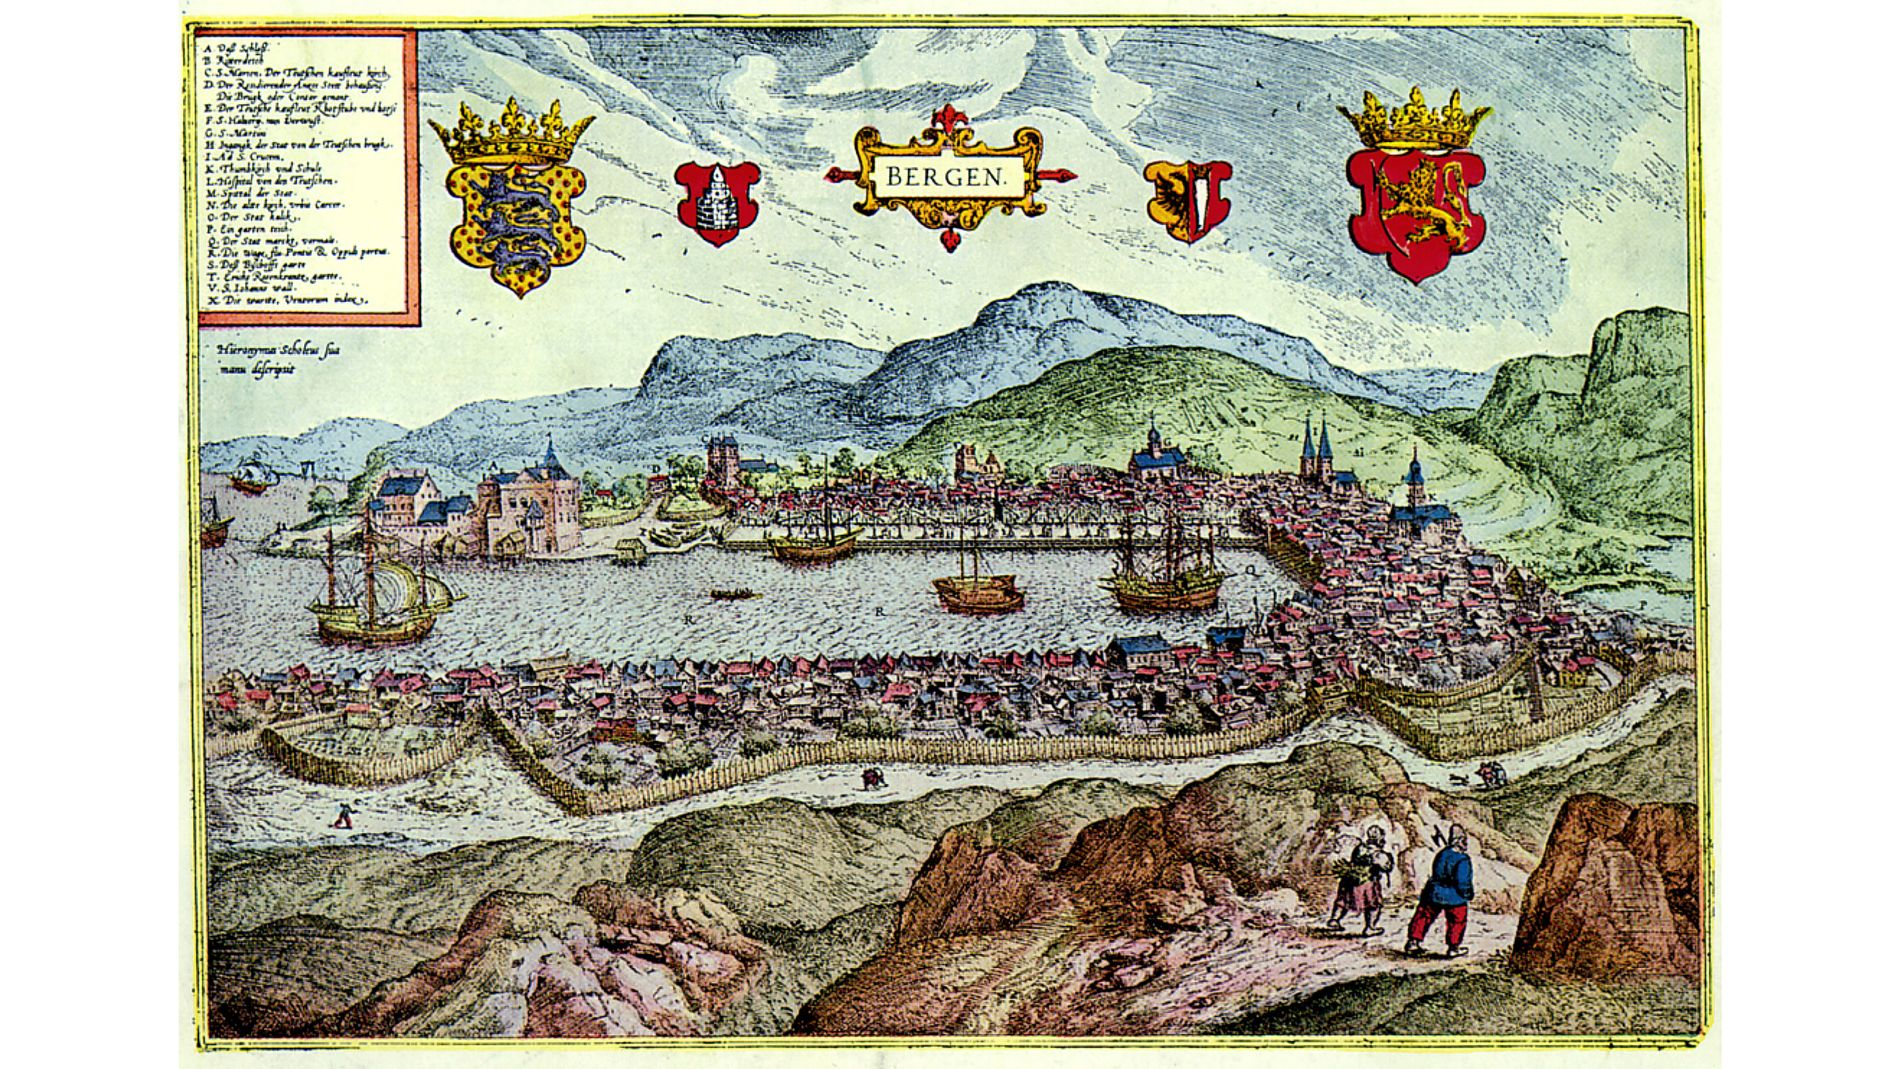 VÅR FORTID: Det ville neppe ha gått deg vel hvis du reiste tilbake i tid og fortalte om overbevisningene dine, mener innsenderen. Illustrasjon: Scholeus-stikket, Bergen i år 1580.